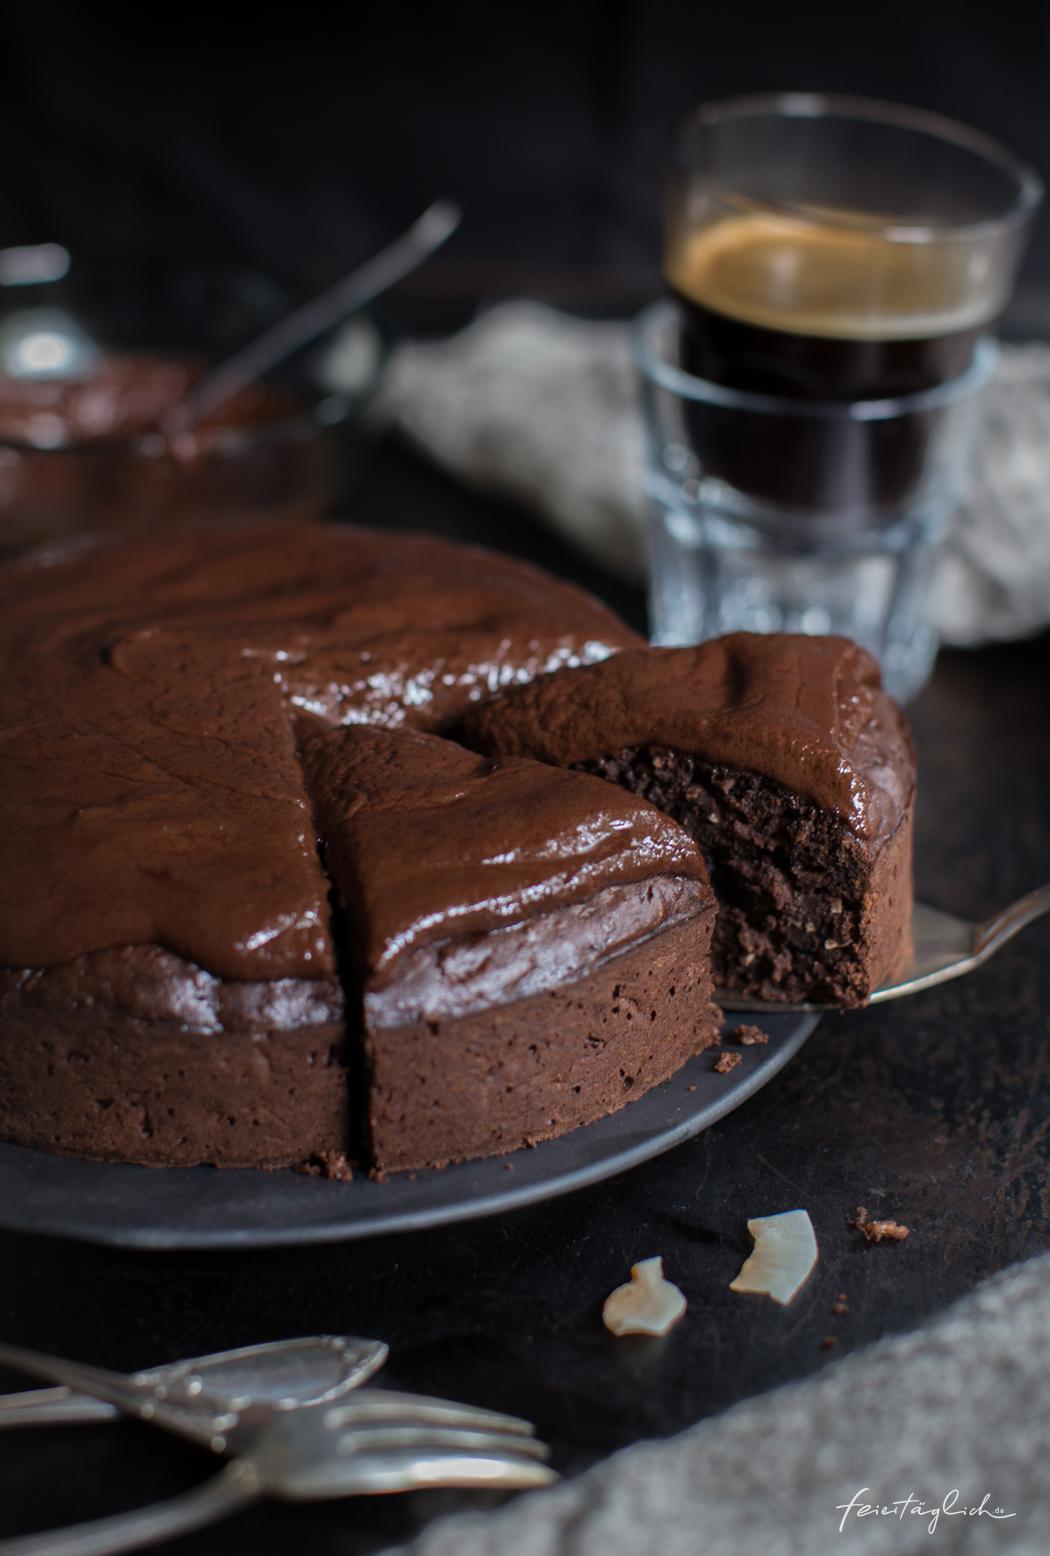 Zucchini-Kokos-Schokoladenkuchen mit Schoko-Kokos-Creme, ein Rezept für einen fantastischen Schokokuchen mit verstecktem Gemüse